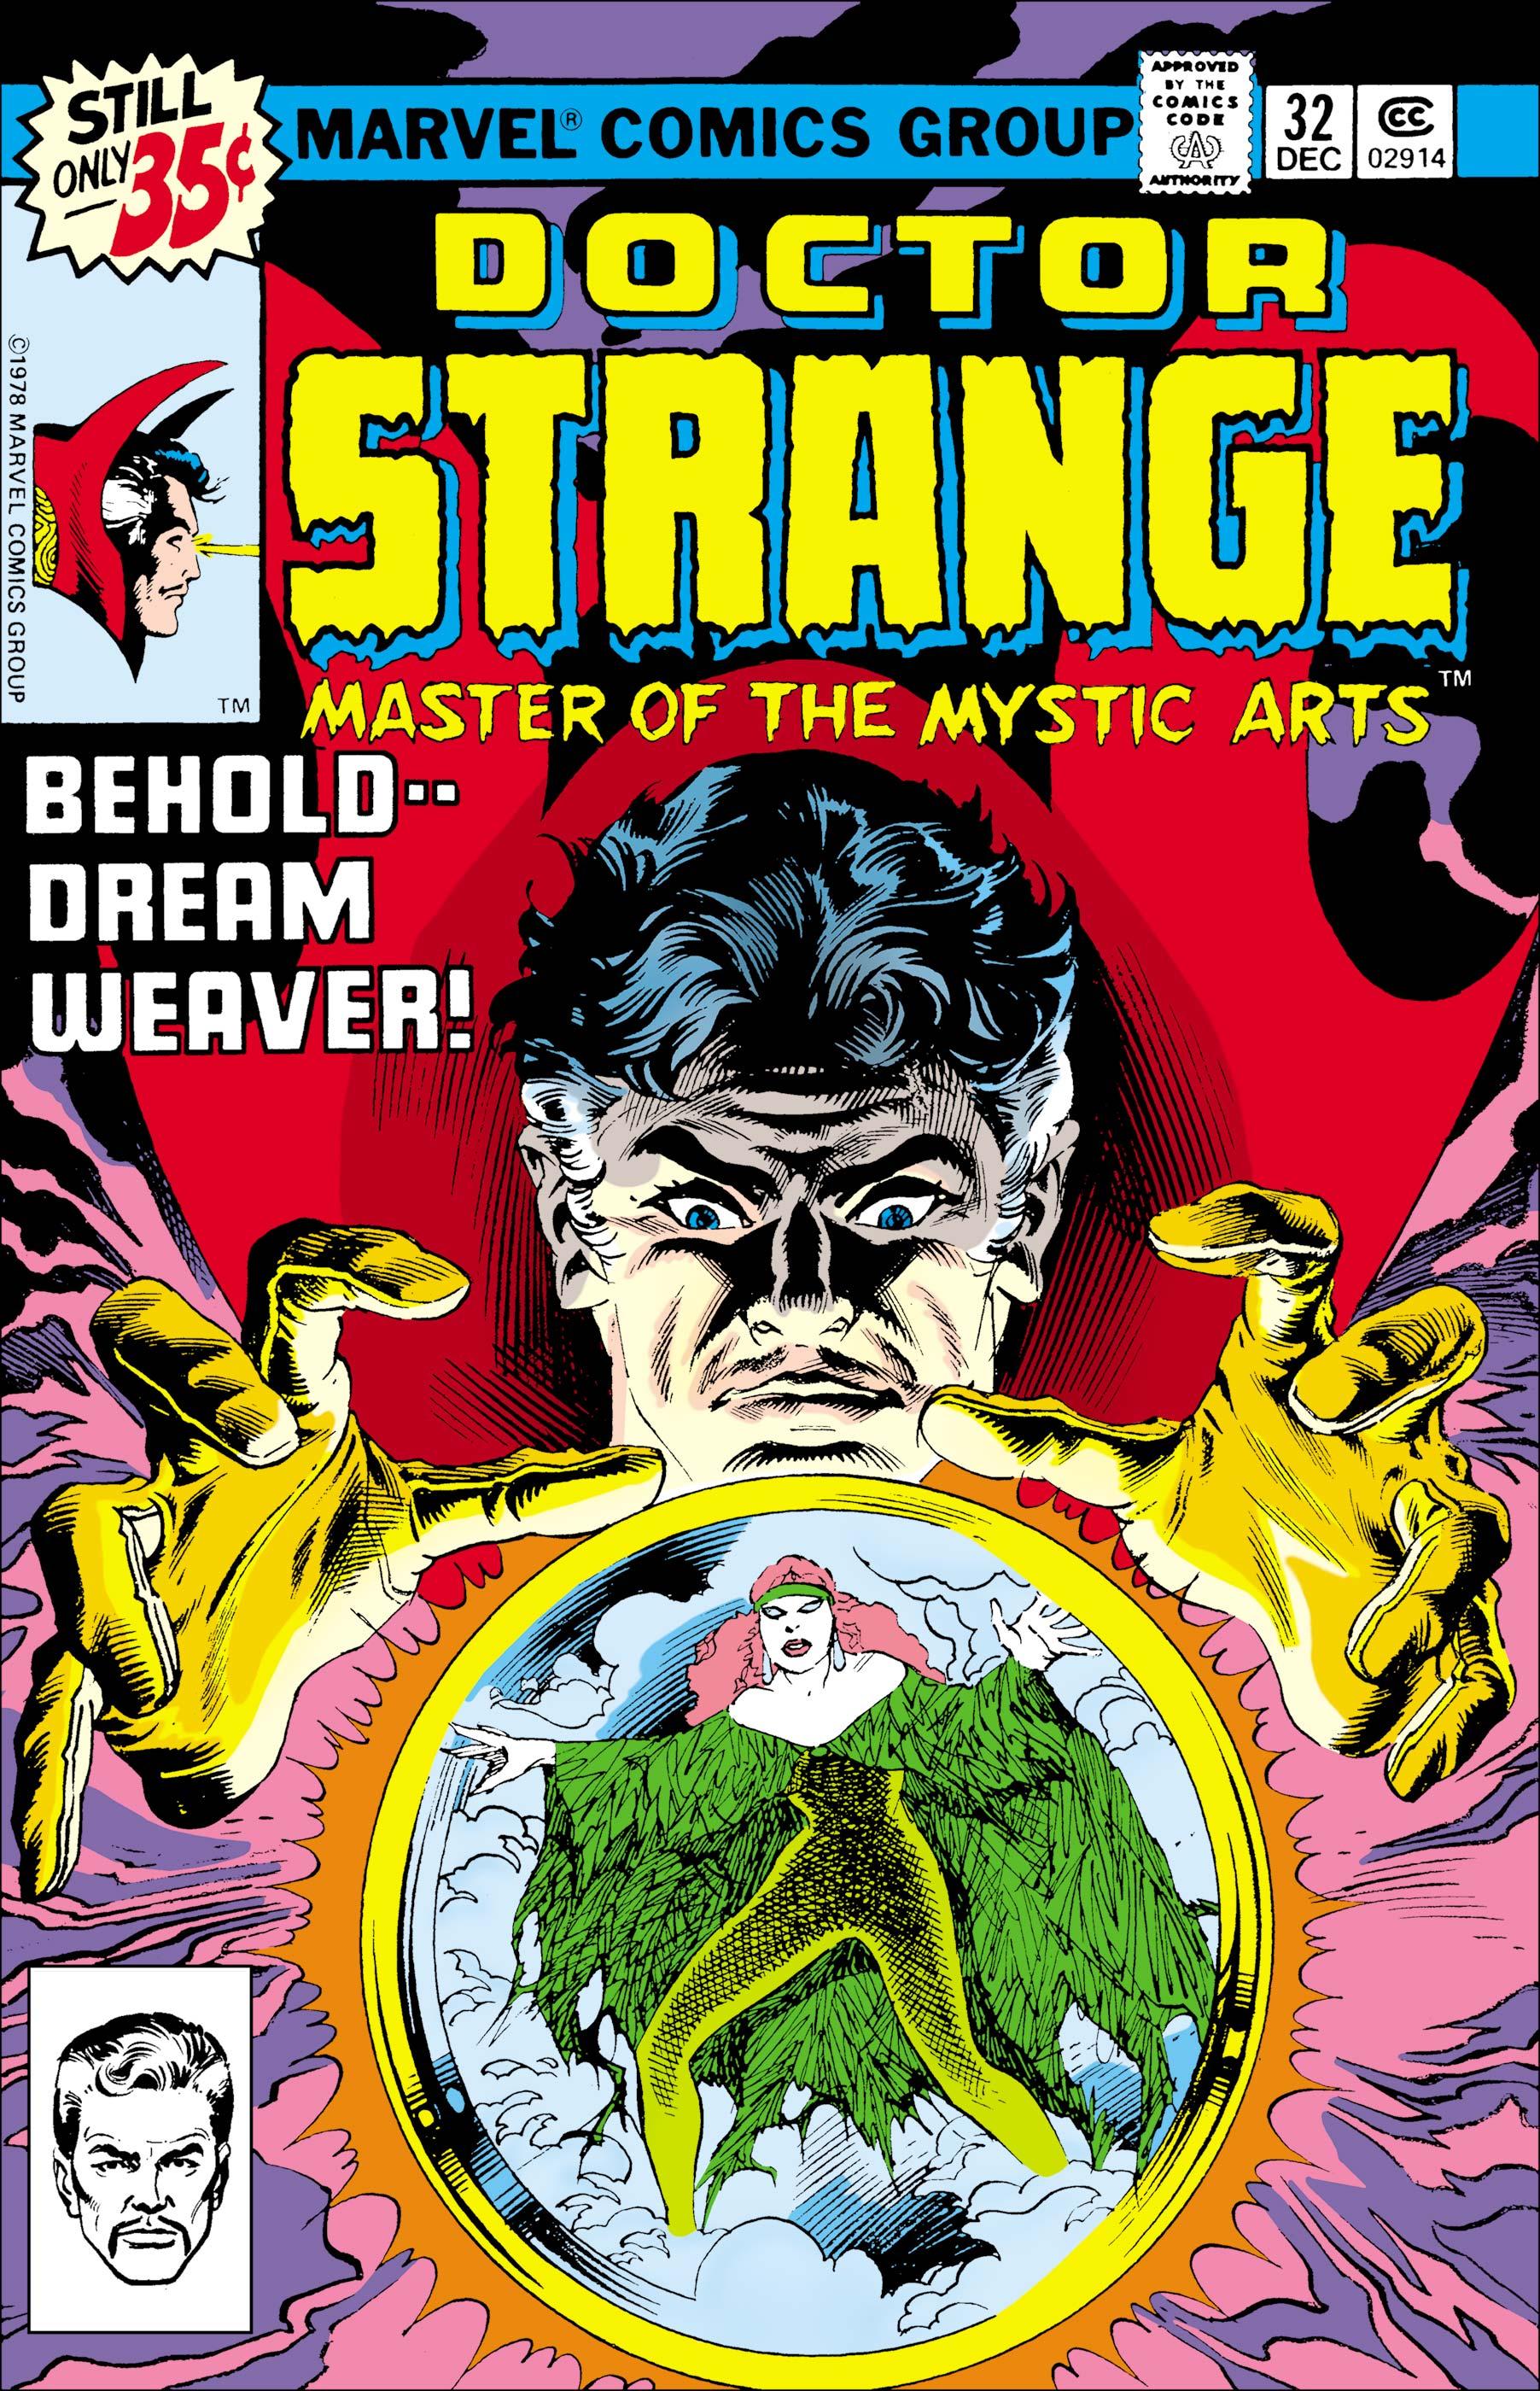 Doctor Strange (1974) #32